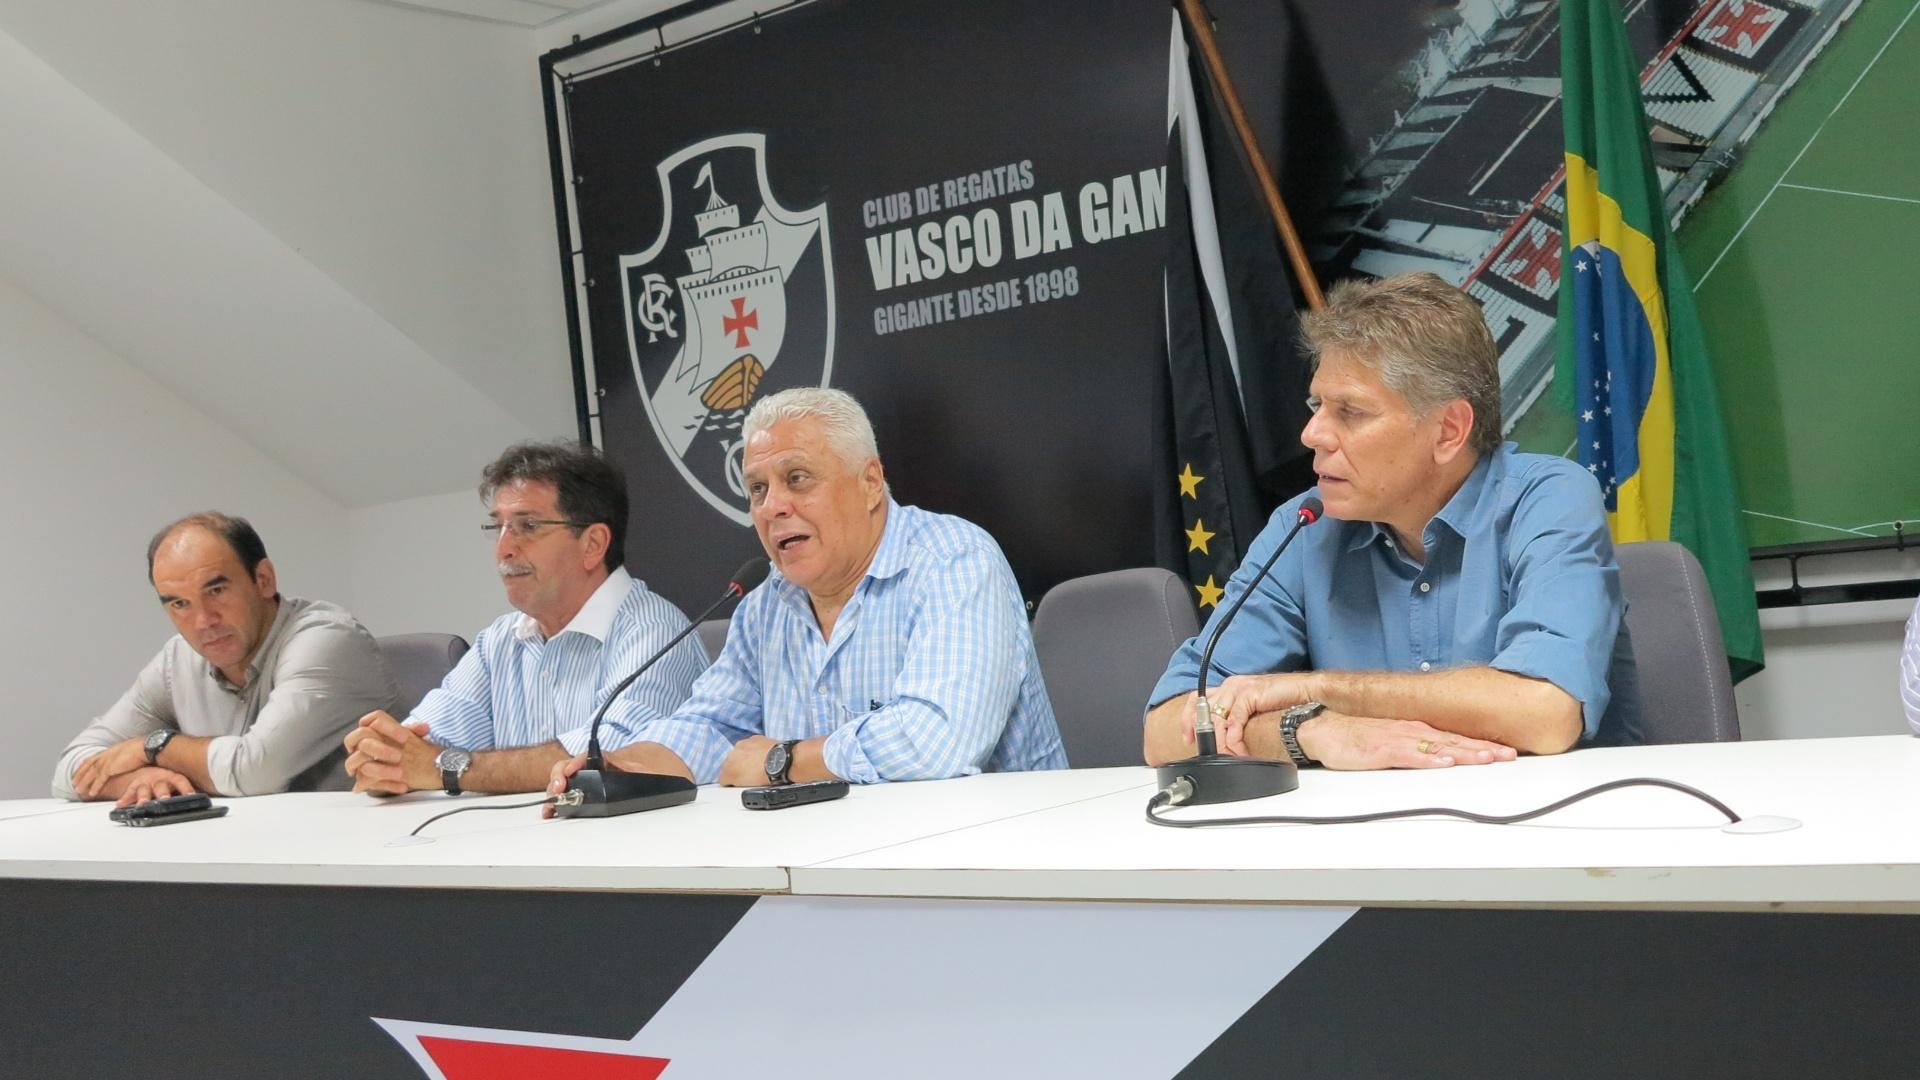 23.mar.2013 - Os dirigentes Ricardo Gomes e Renê Simões e o presidente Roberto Dinamite acompanham a apresentação do técnico Paulo Autuori